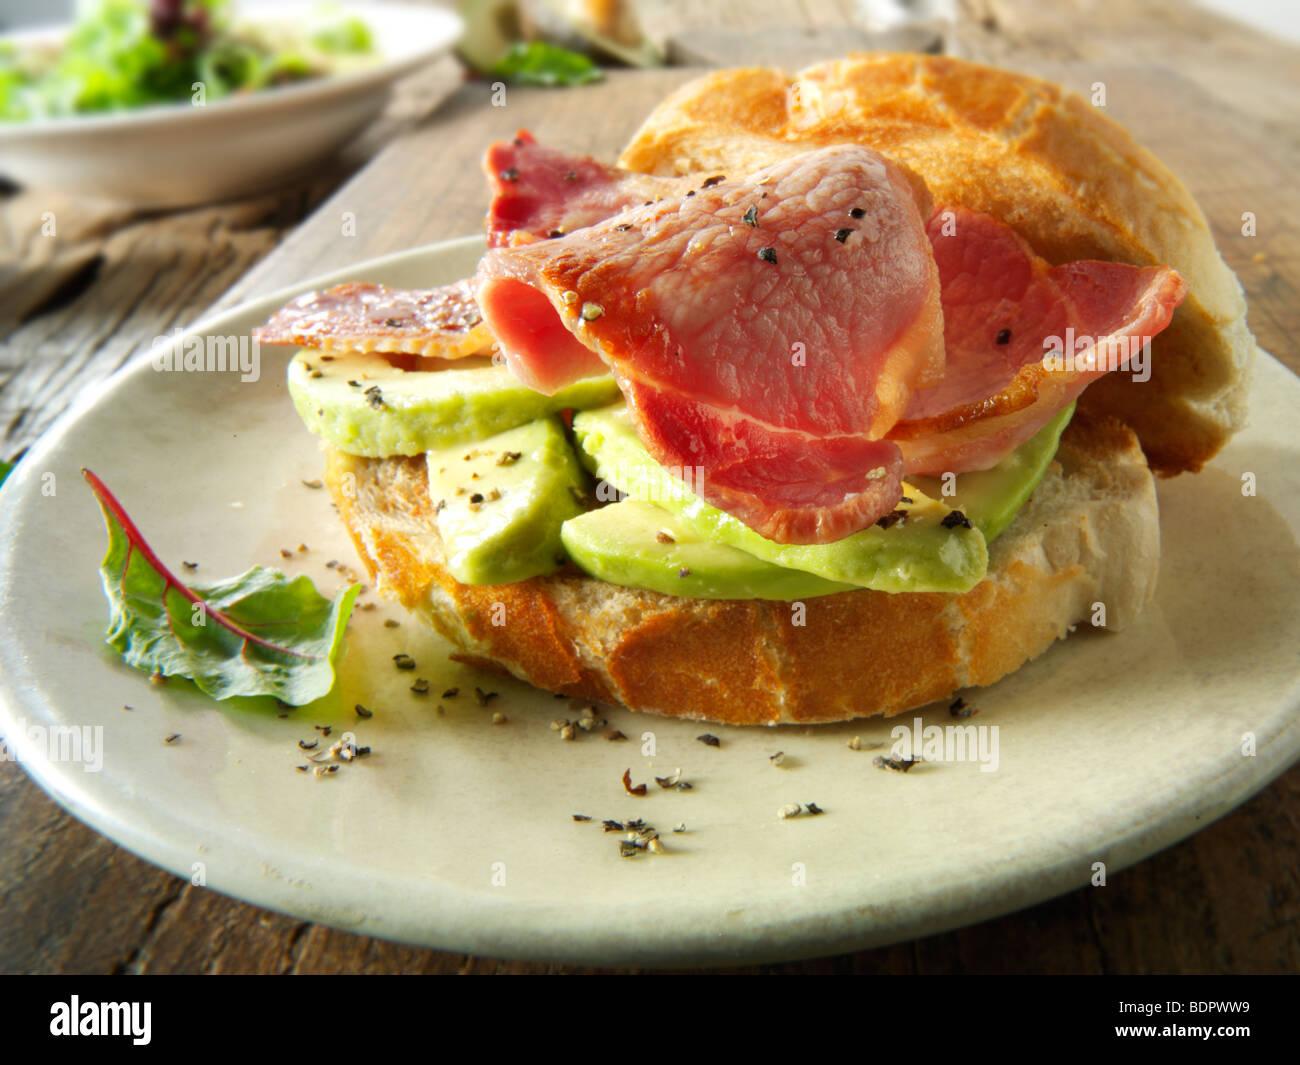 La pancetta e sandwich di avocado Immagini Stock